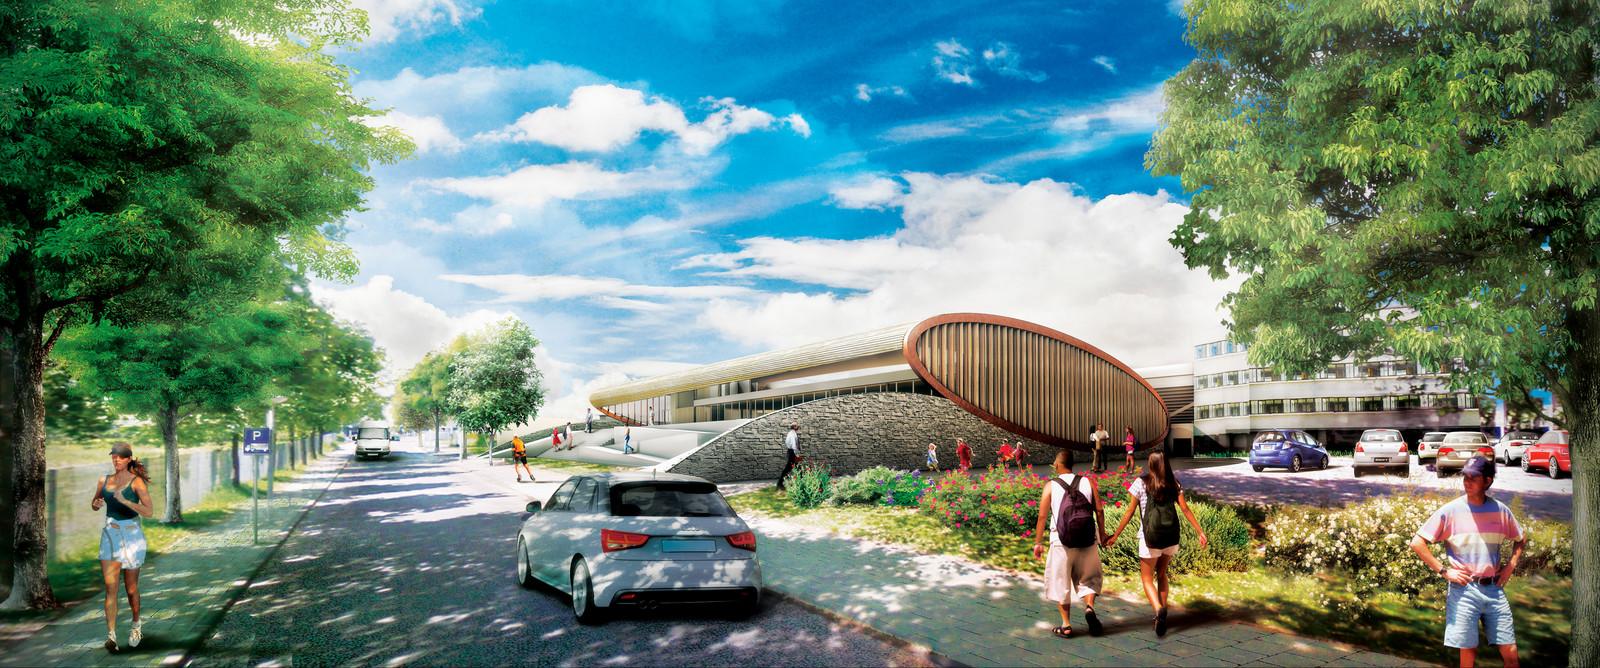 Geussel Sports Center